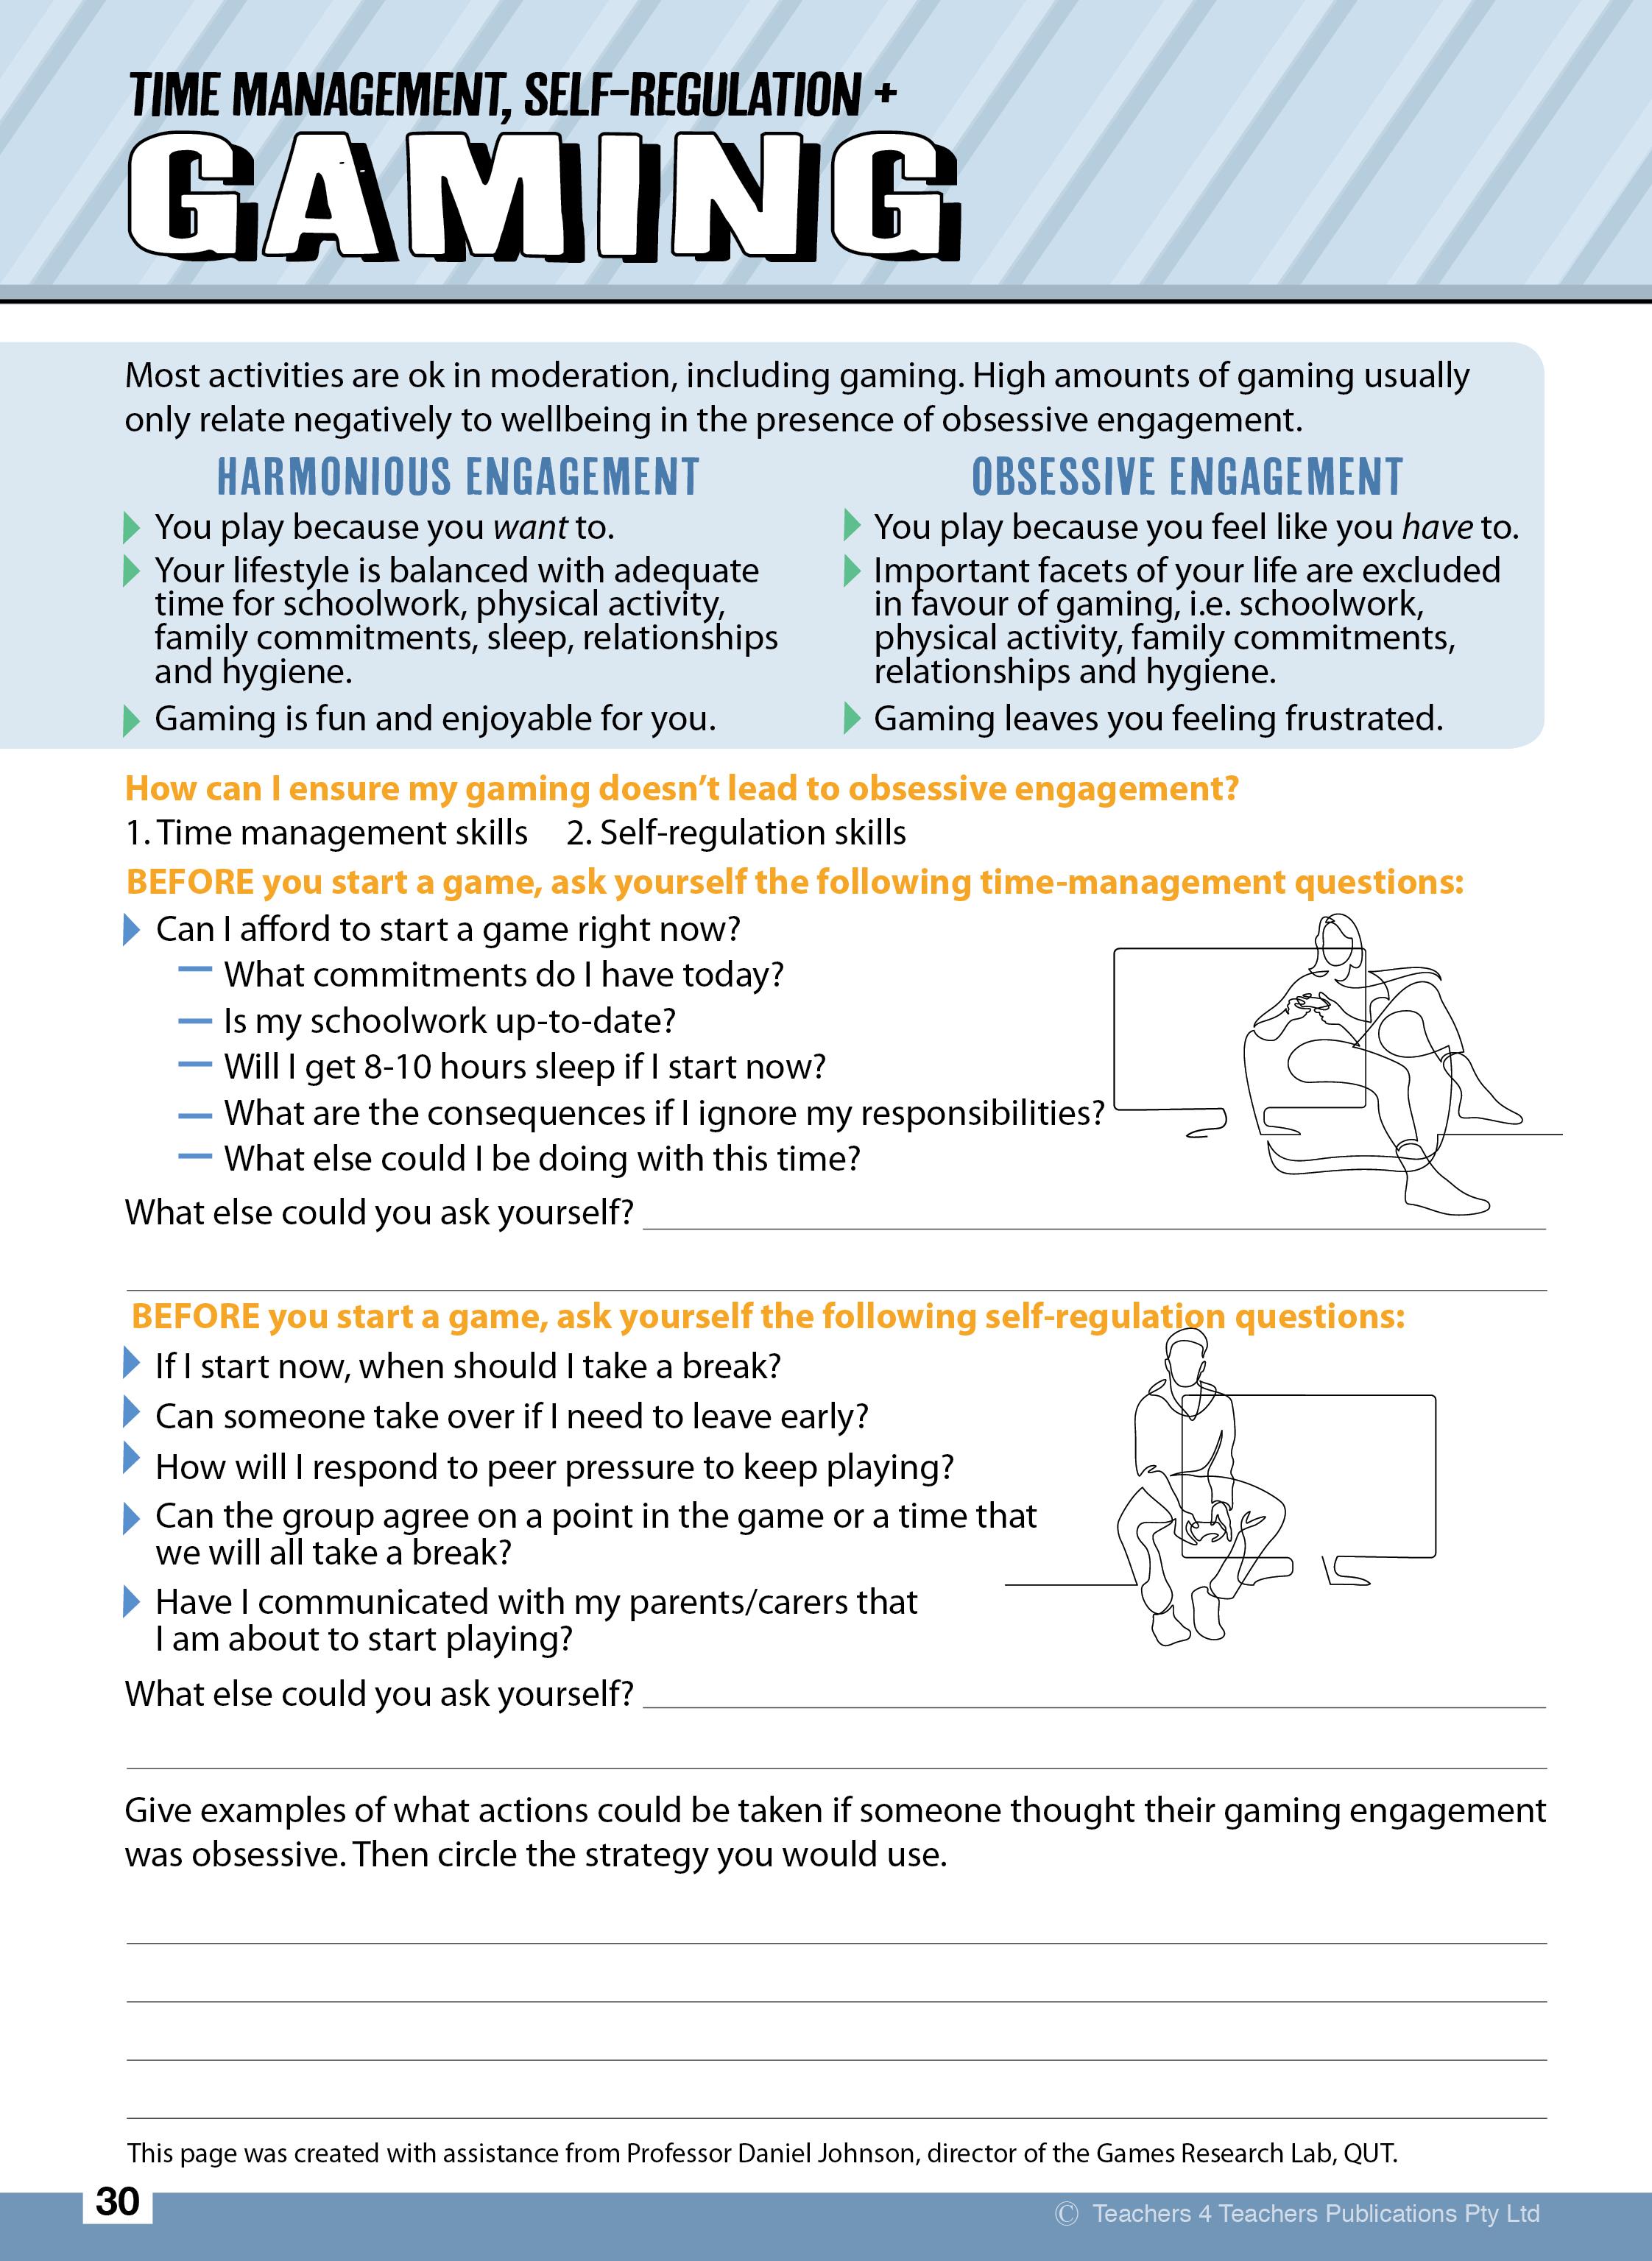 wellbeing-9-10-gaming.jpg